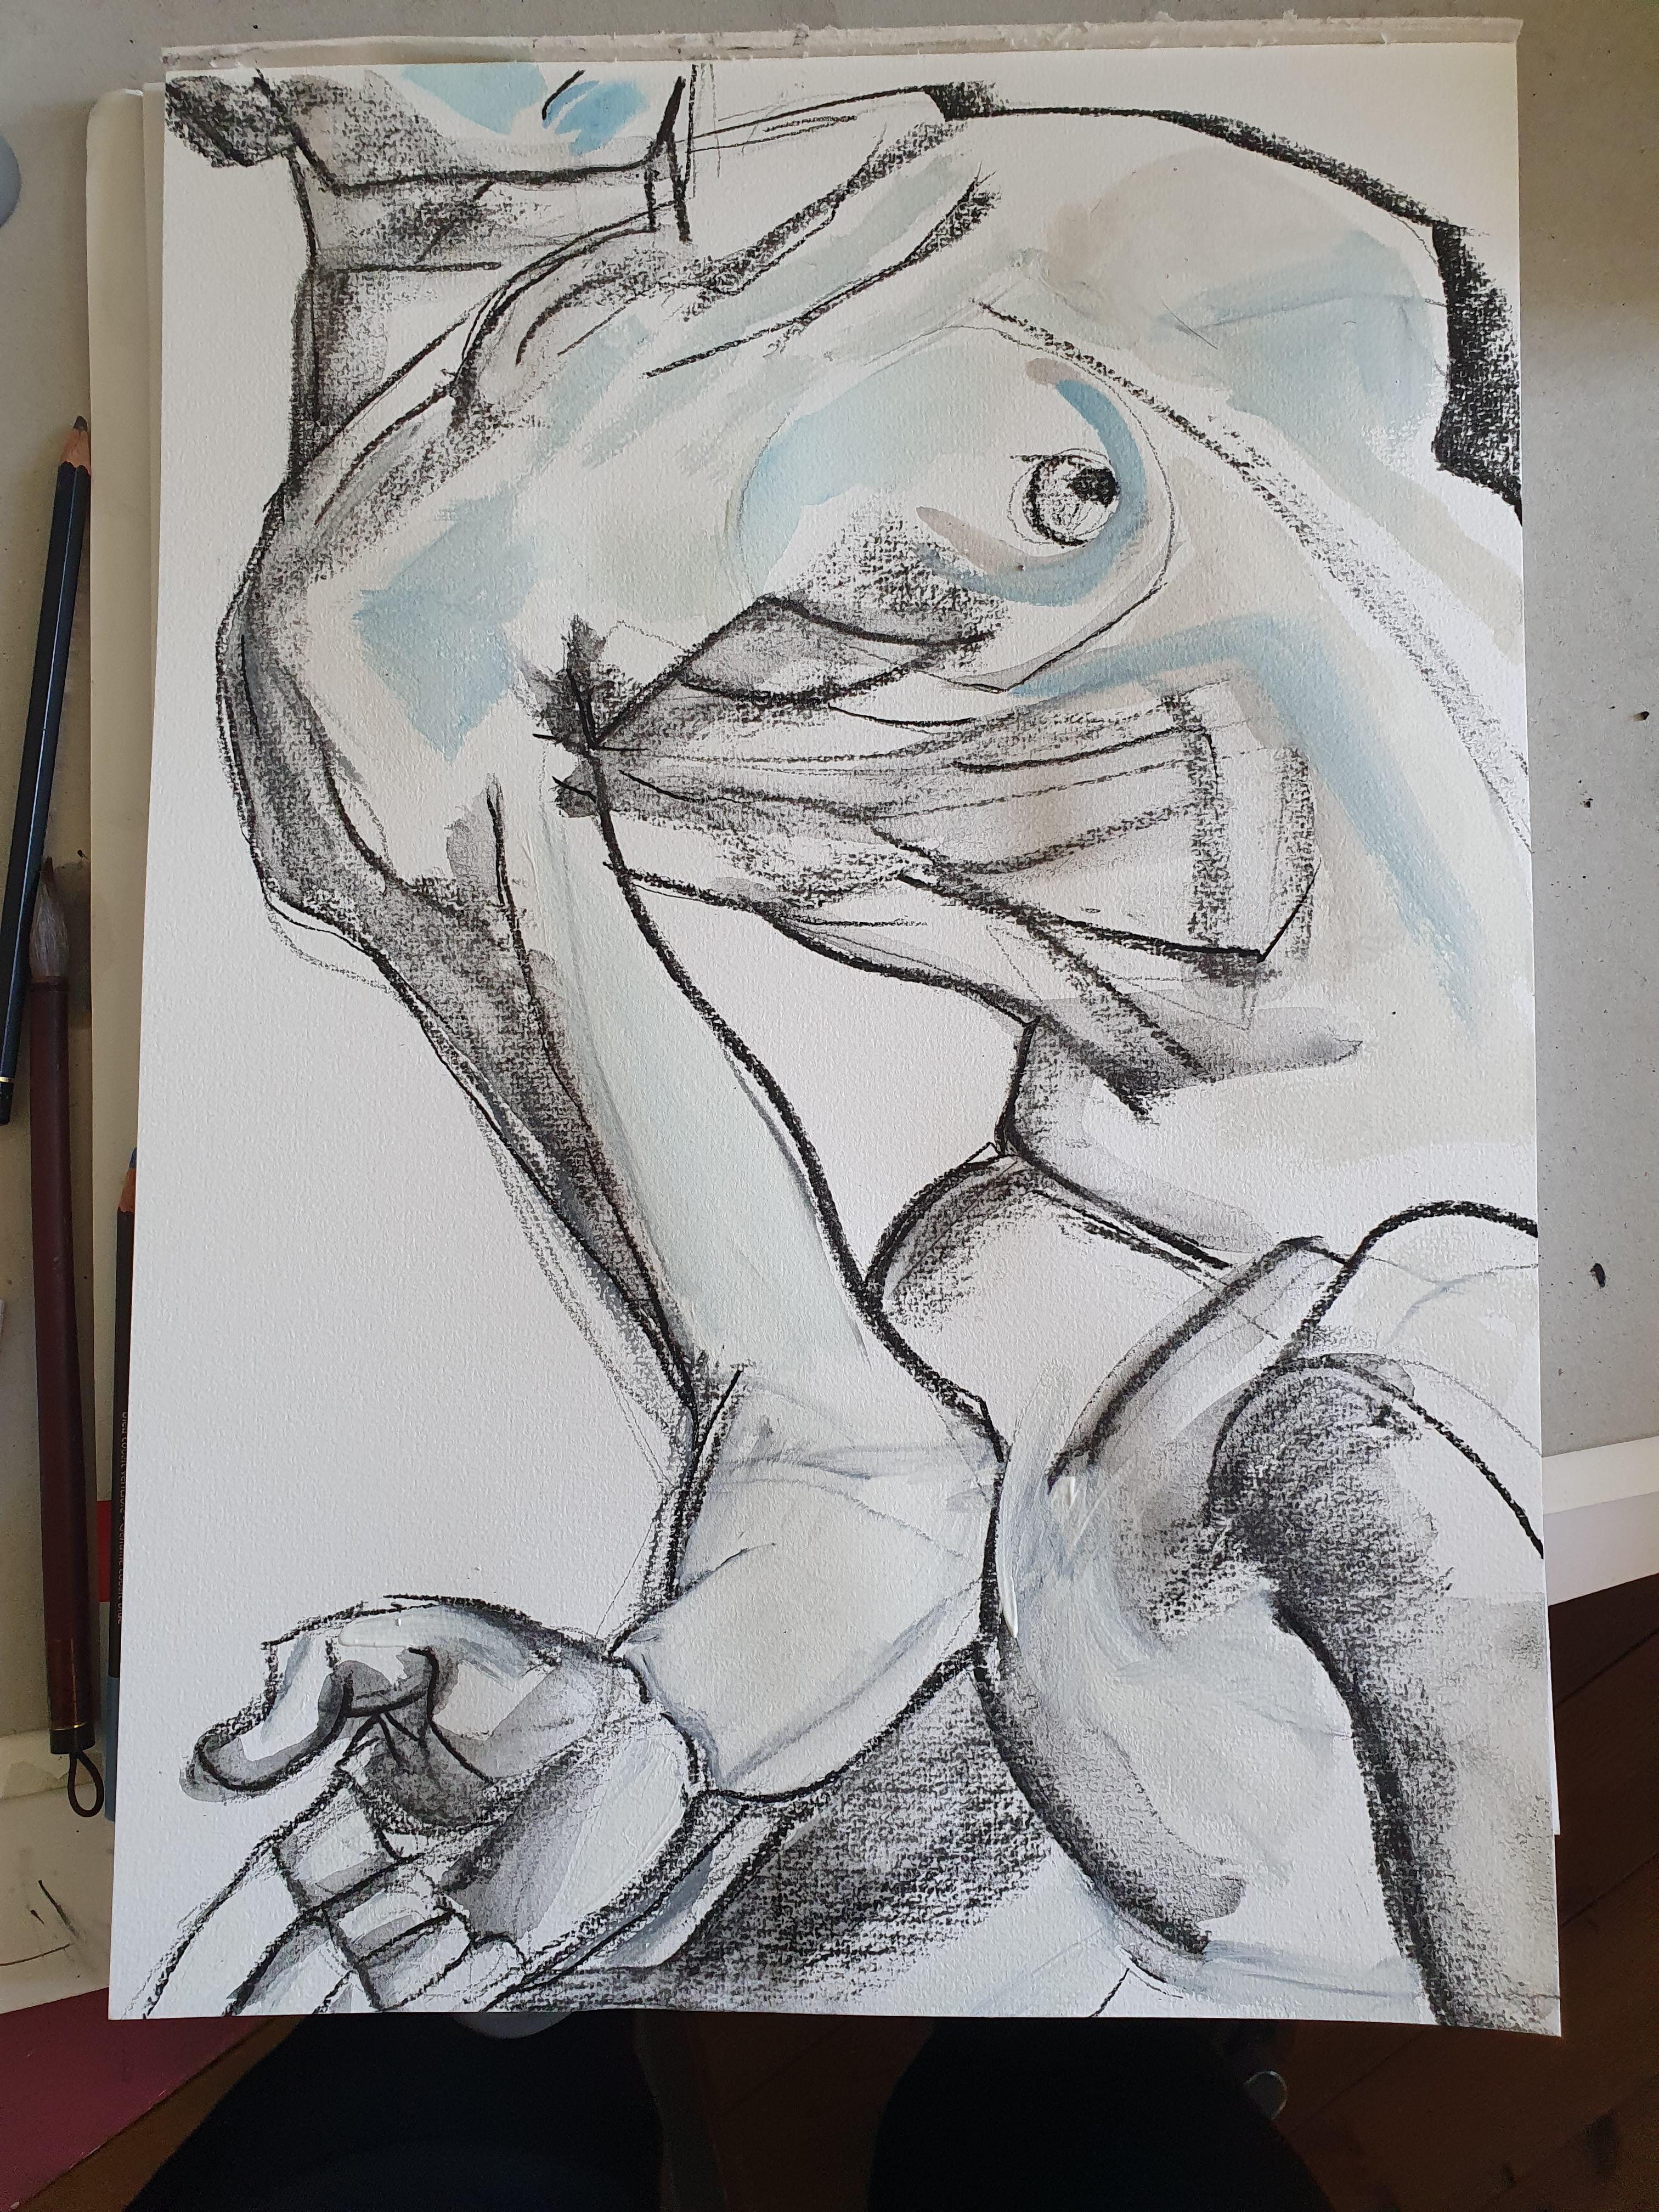 Composition cadrage grand format raisin fusain peinture feutre  cours de dessin